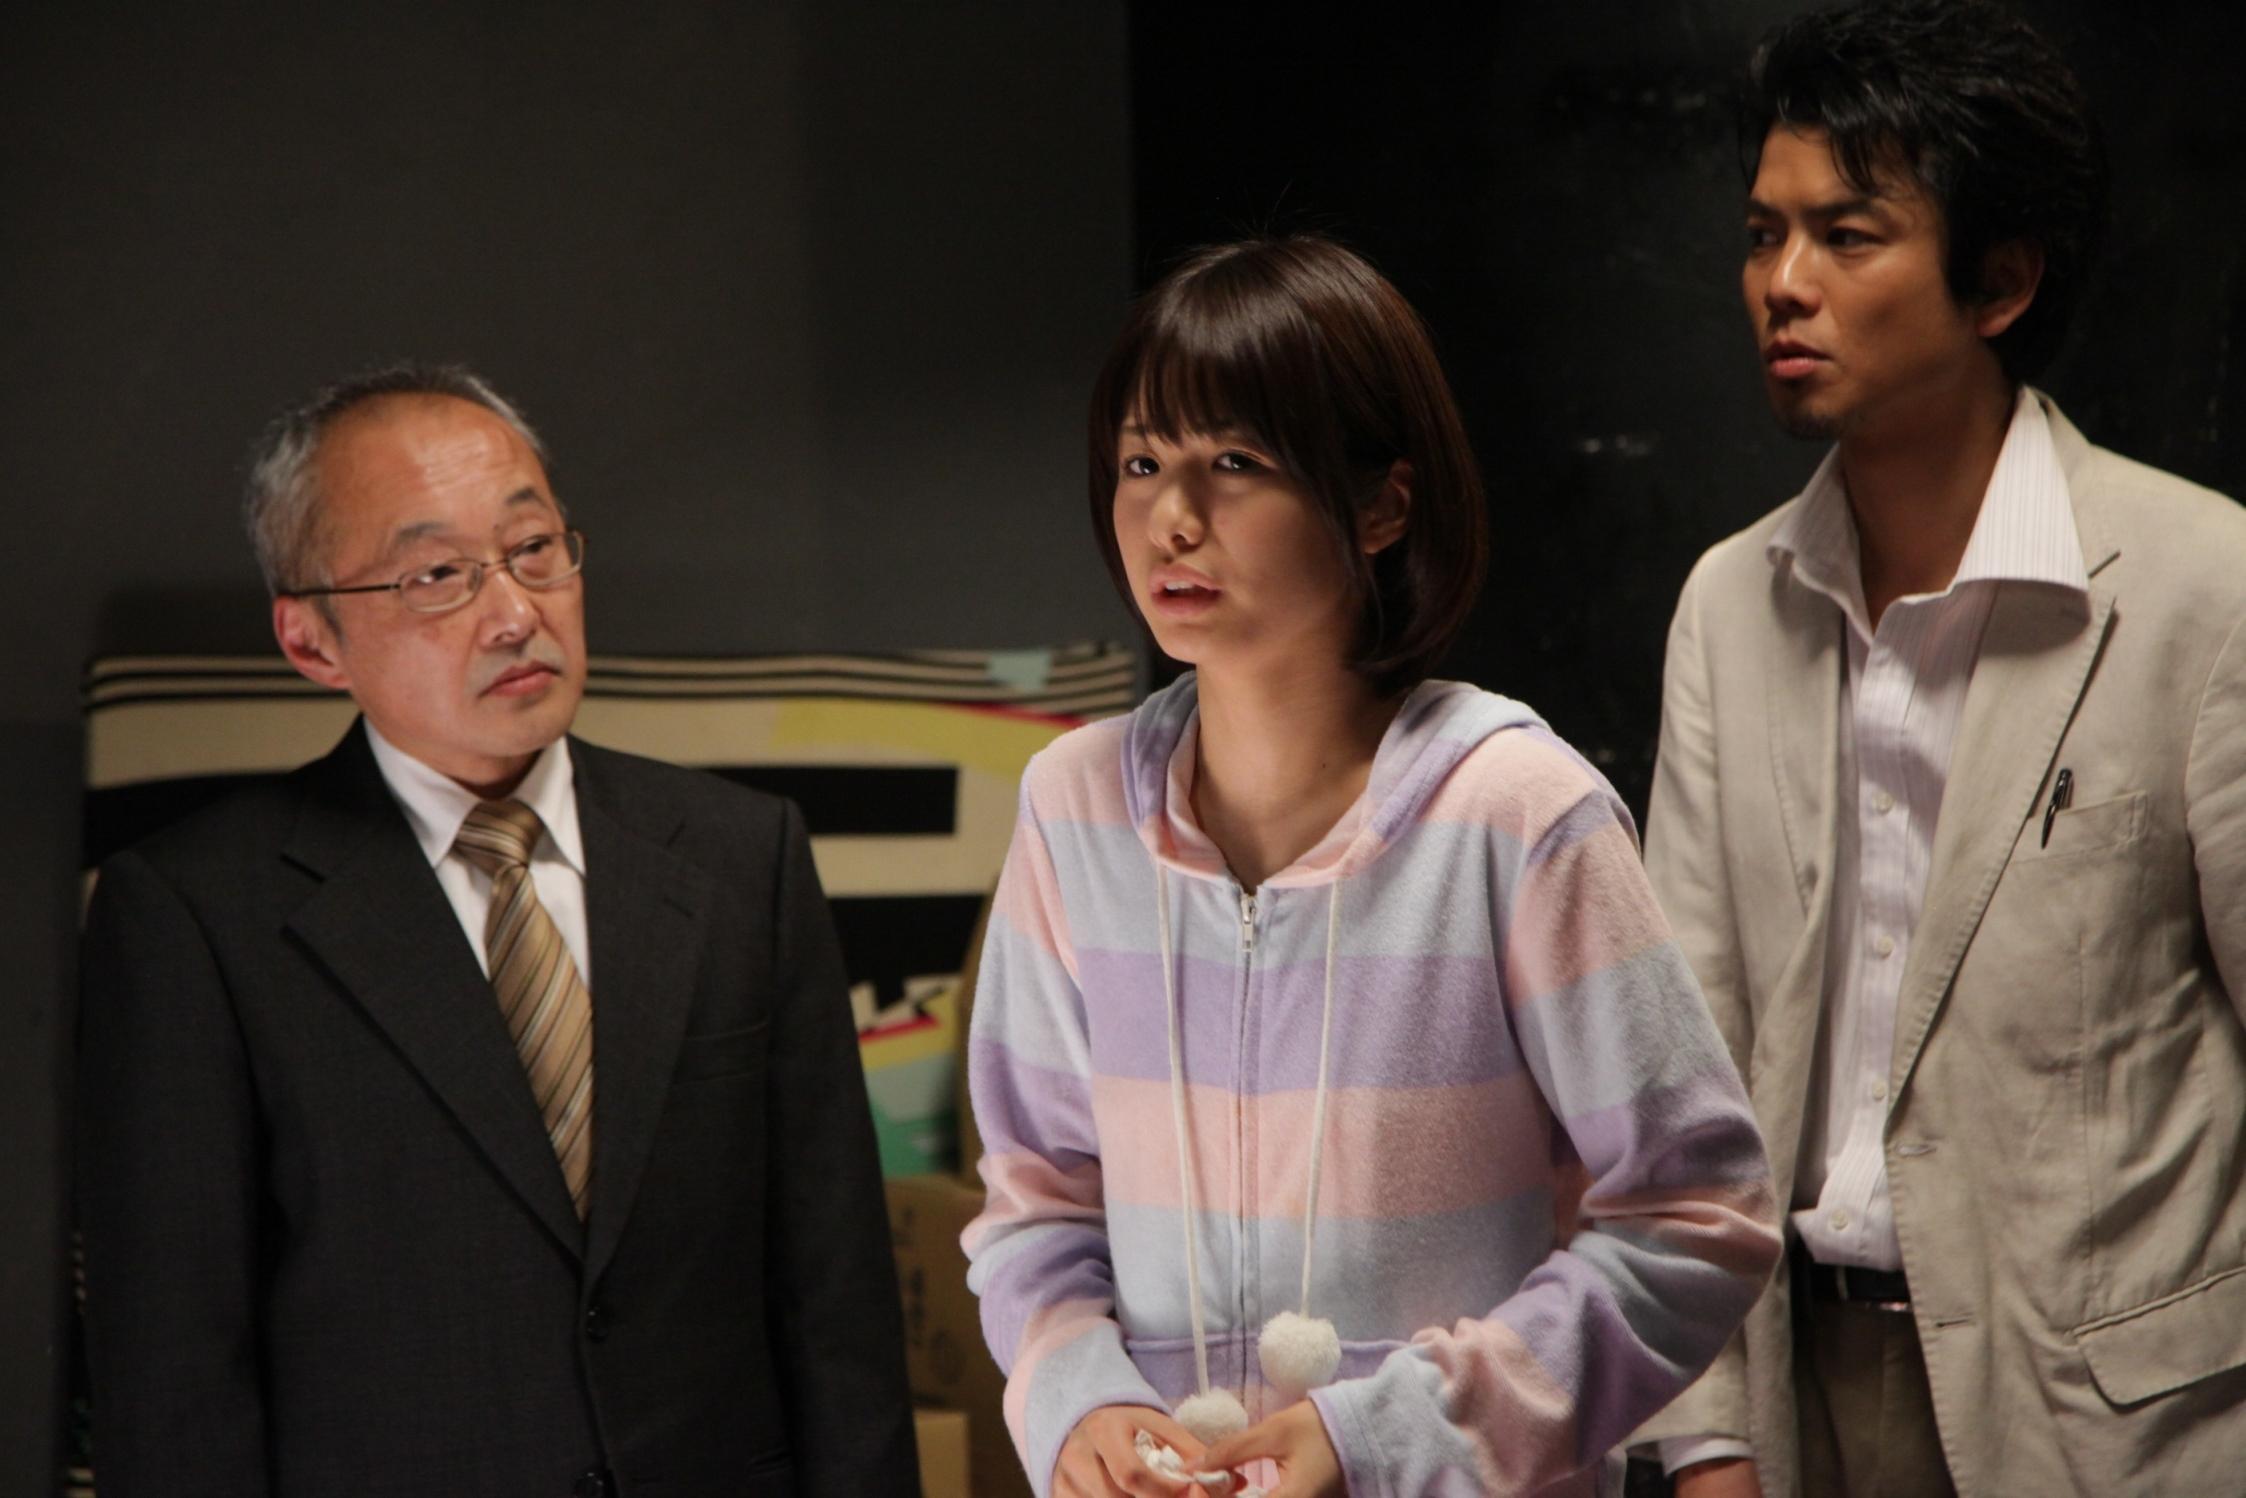 右側のスーツの男性は元男優のマネージャーという設定。アダルト業界あるある (C)2014 映画『メイクルーム』製作委員会